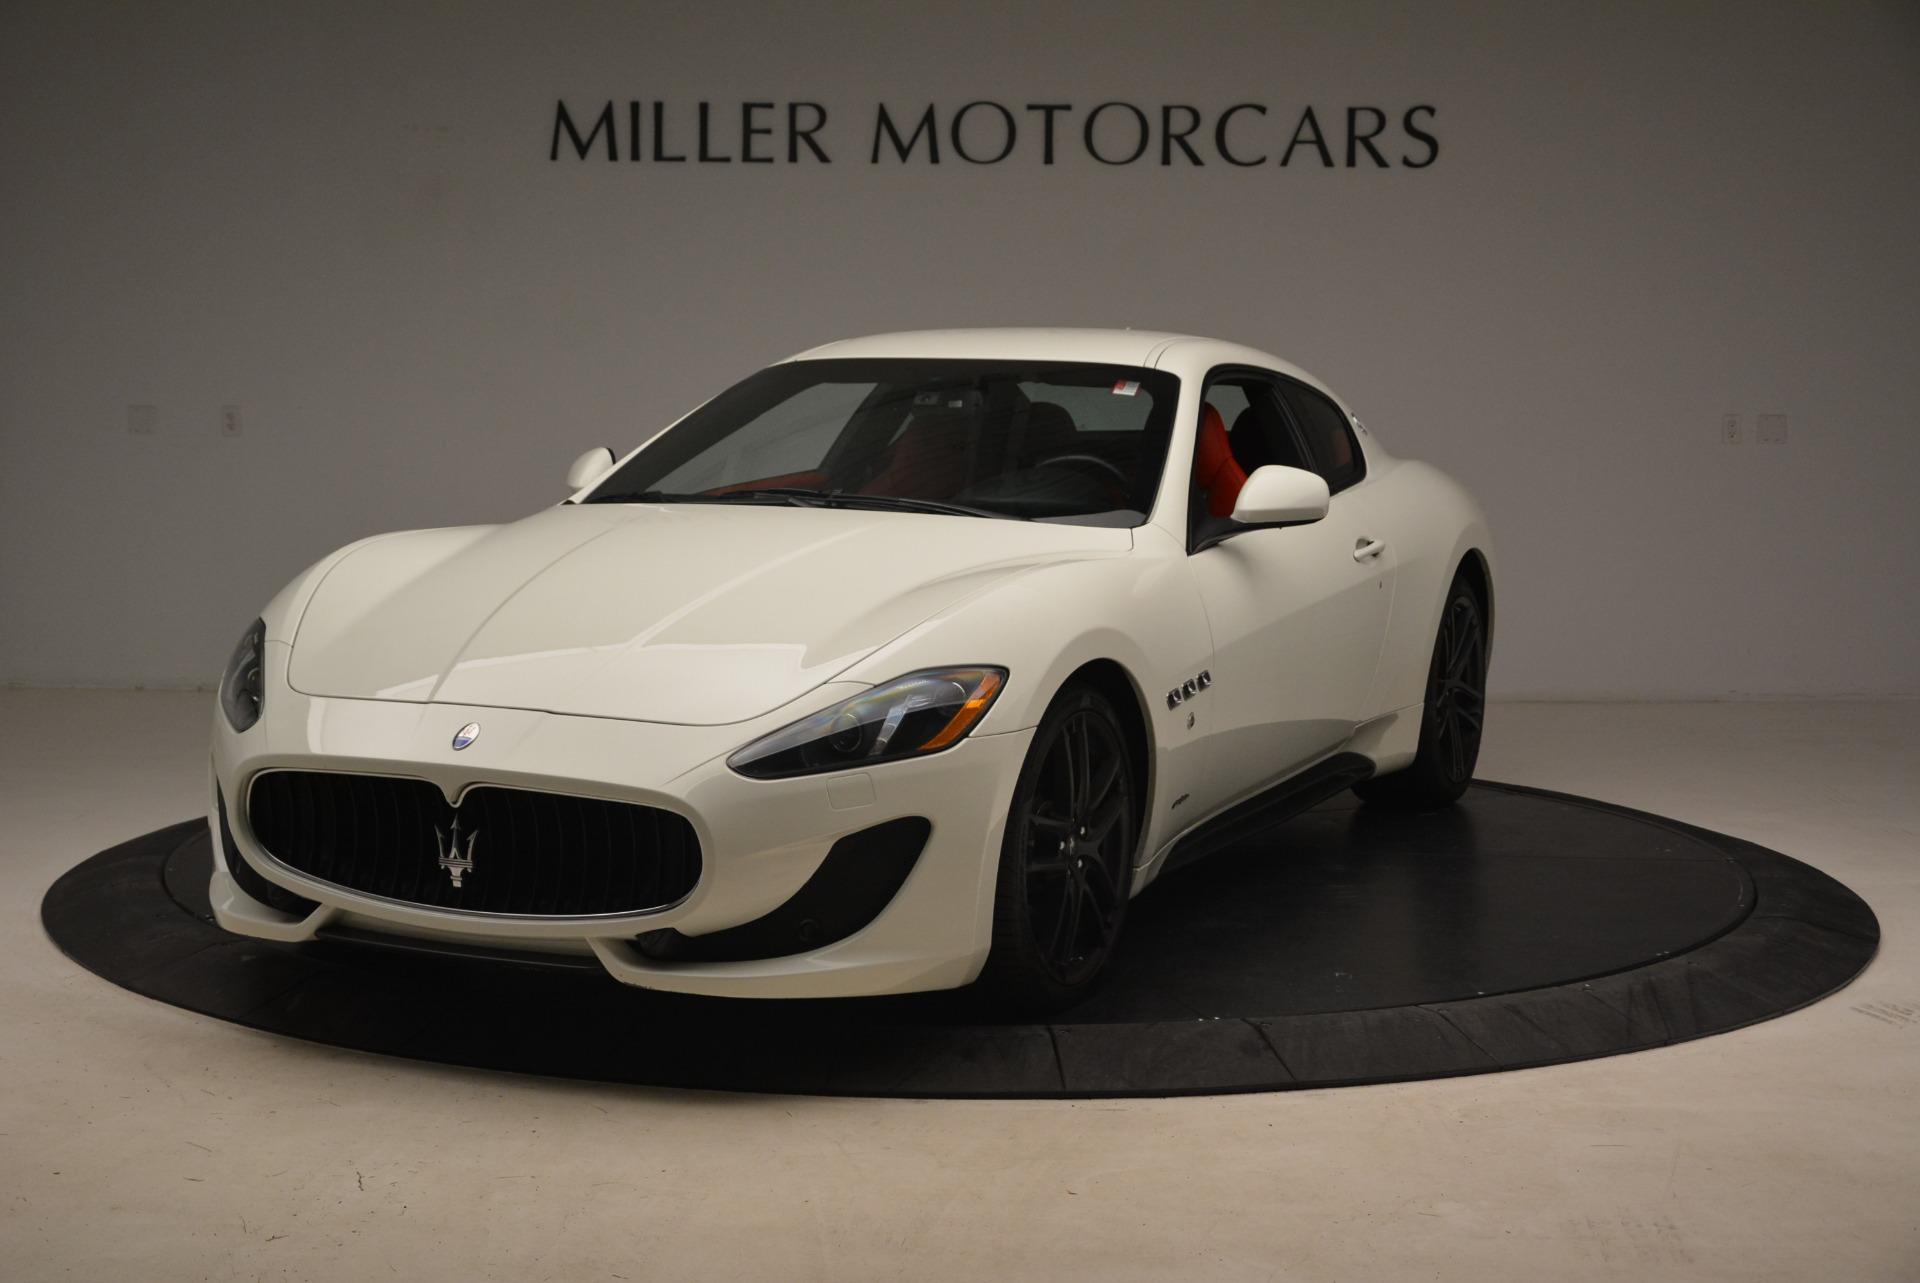 Used 2015 Maserati GranTurismo Sport For Sale In Greenwich, CT. Alfa Romeo of Greenwich, 7367 2233_main